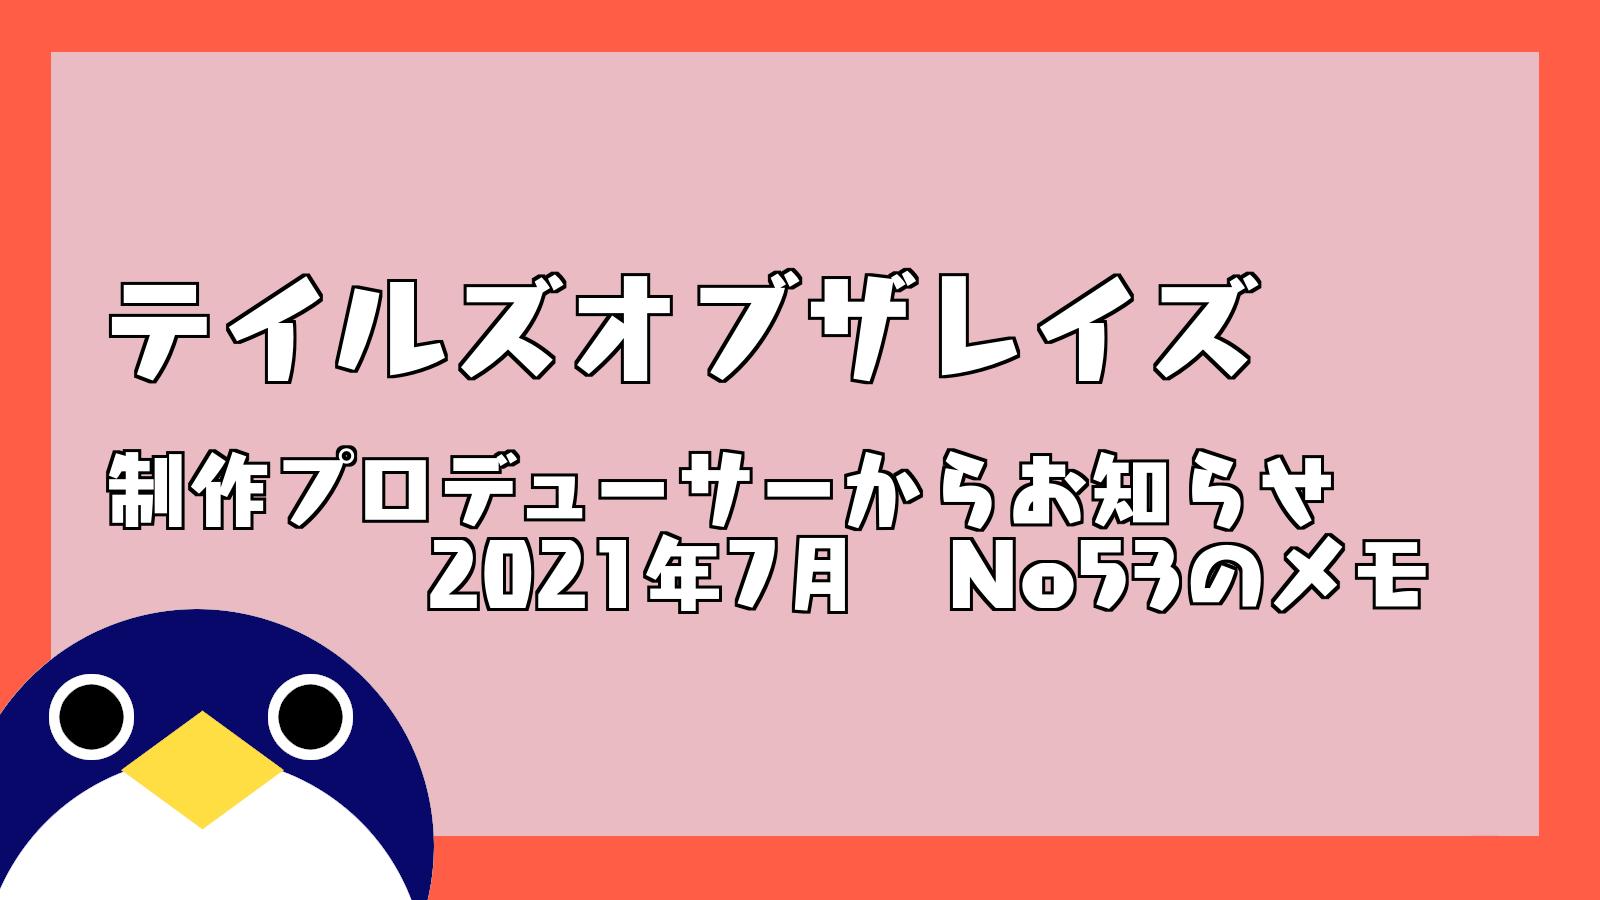 20217月